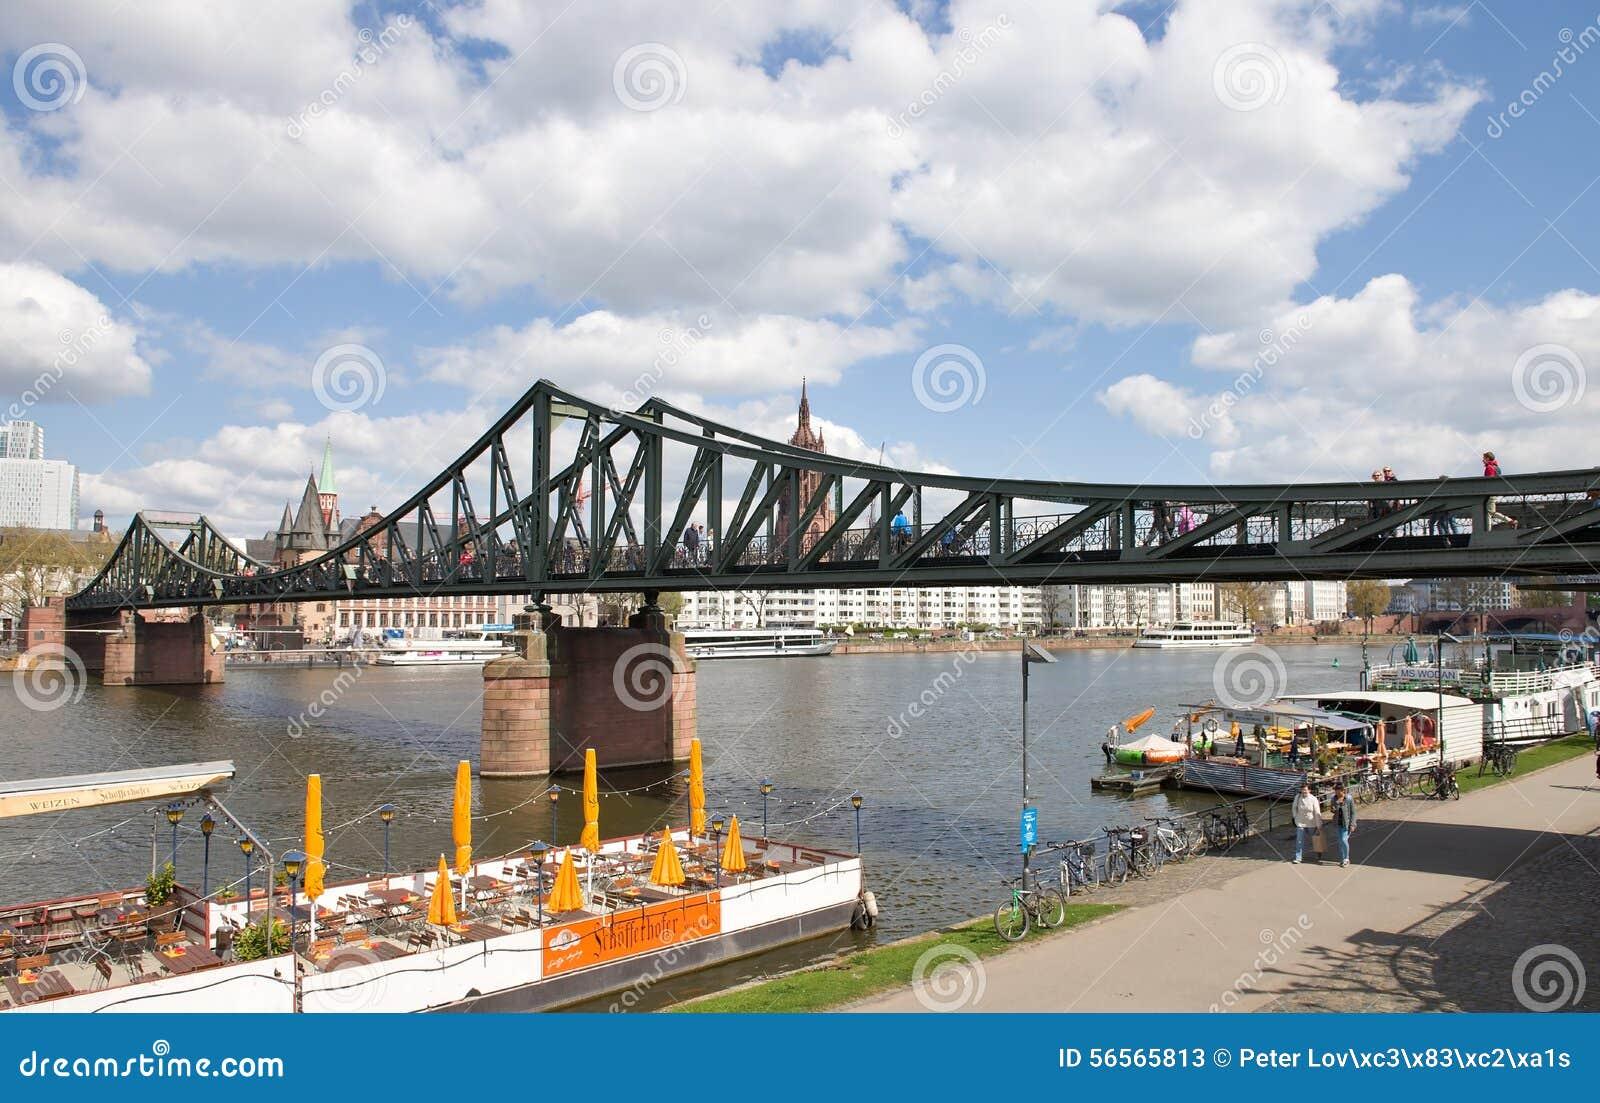 Download Γέφυρα για πεζούς της Φρανκφούρτης Εκδοτική Στοκ Εικόνες - εικόνα από cathedral, γερμανικά: 56565813